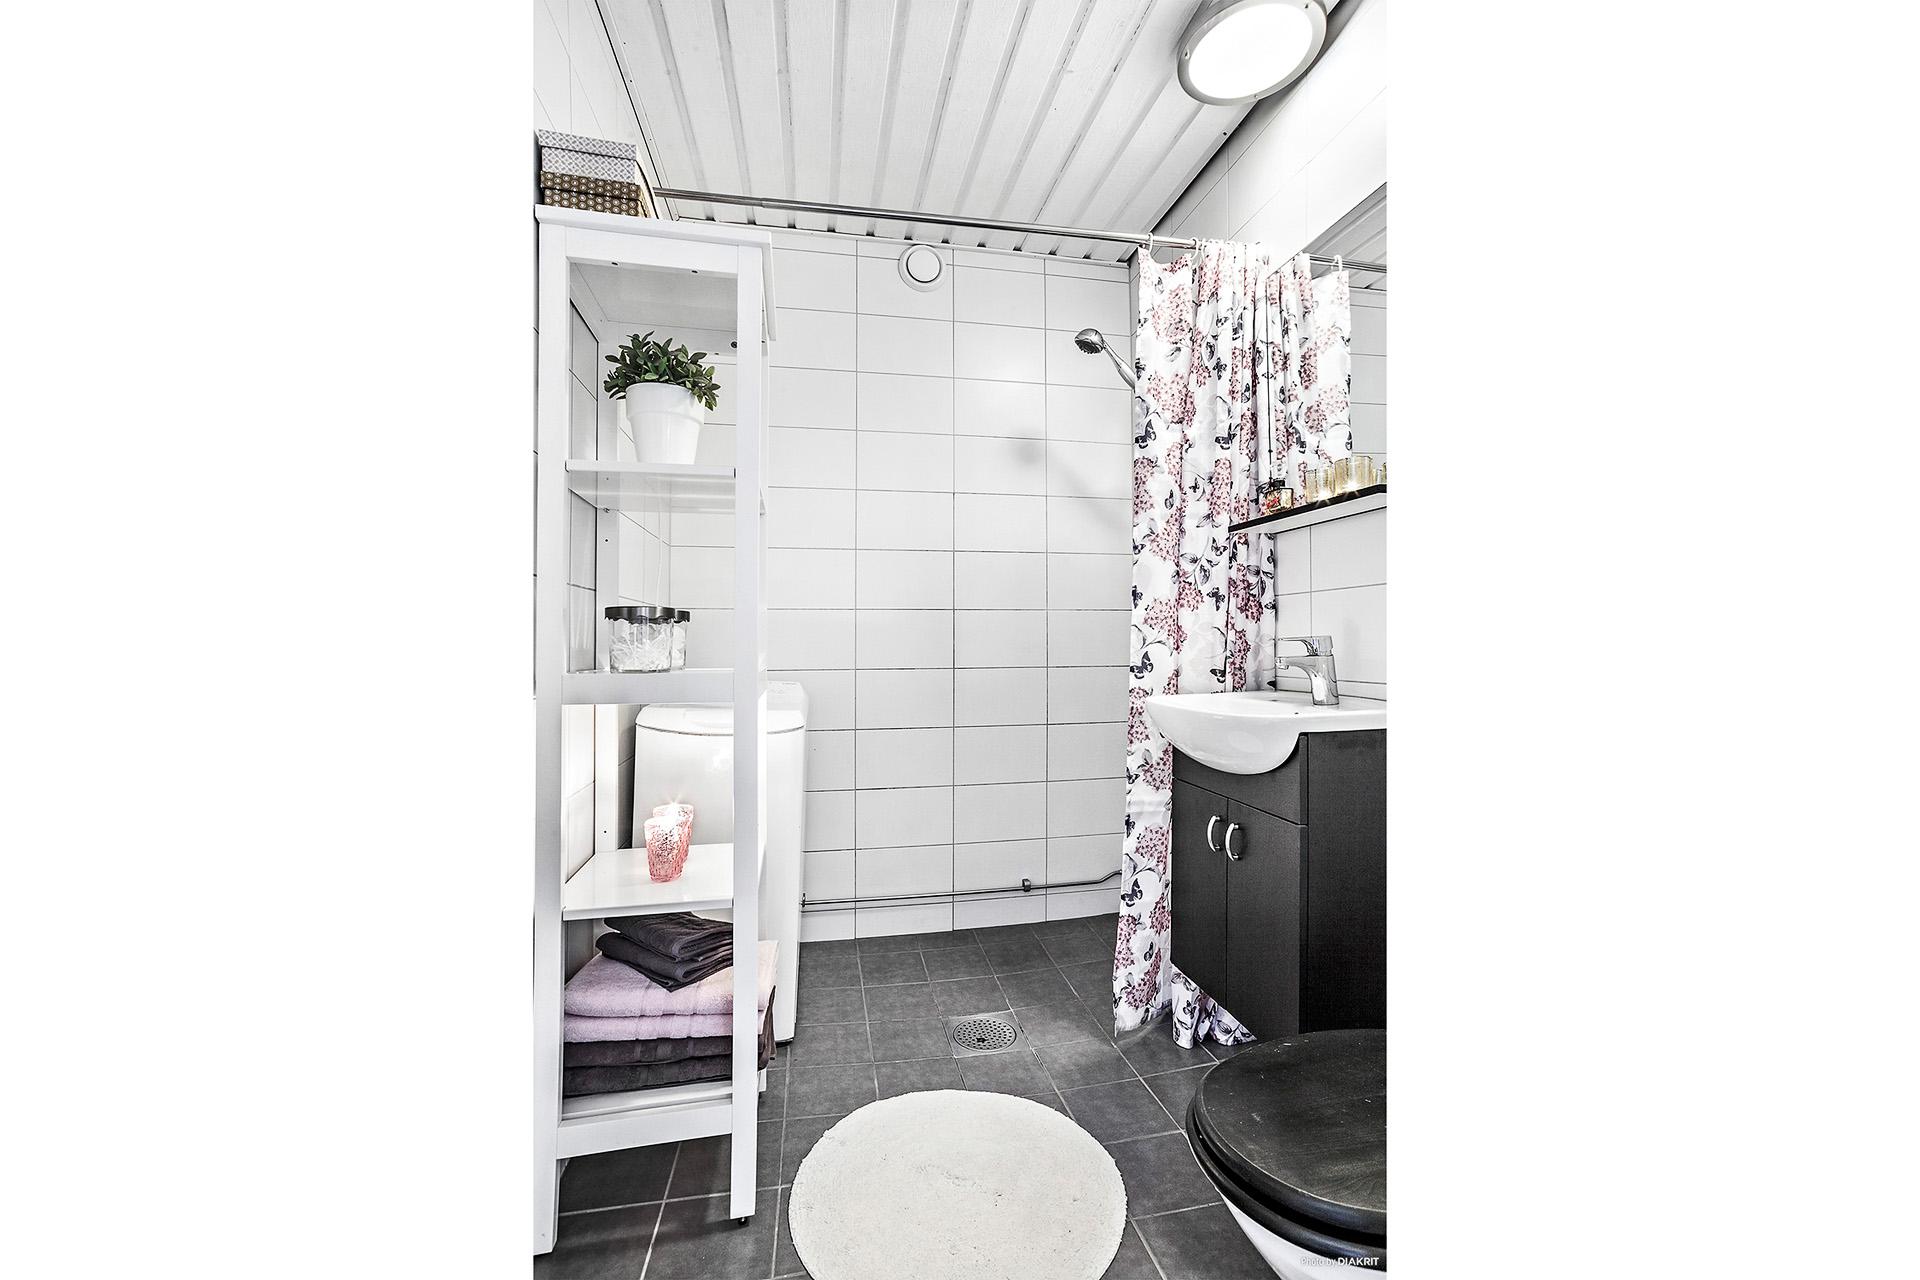 Stambytt duschrum med kakel/klinker och golvvärme. Tvättmaskin